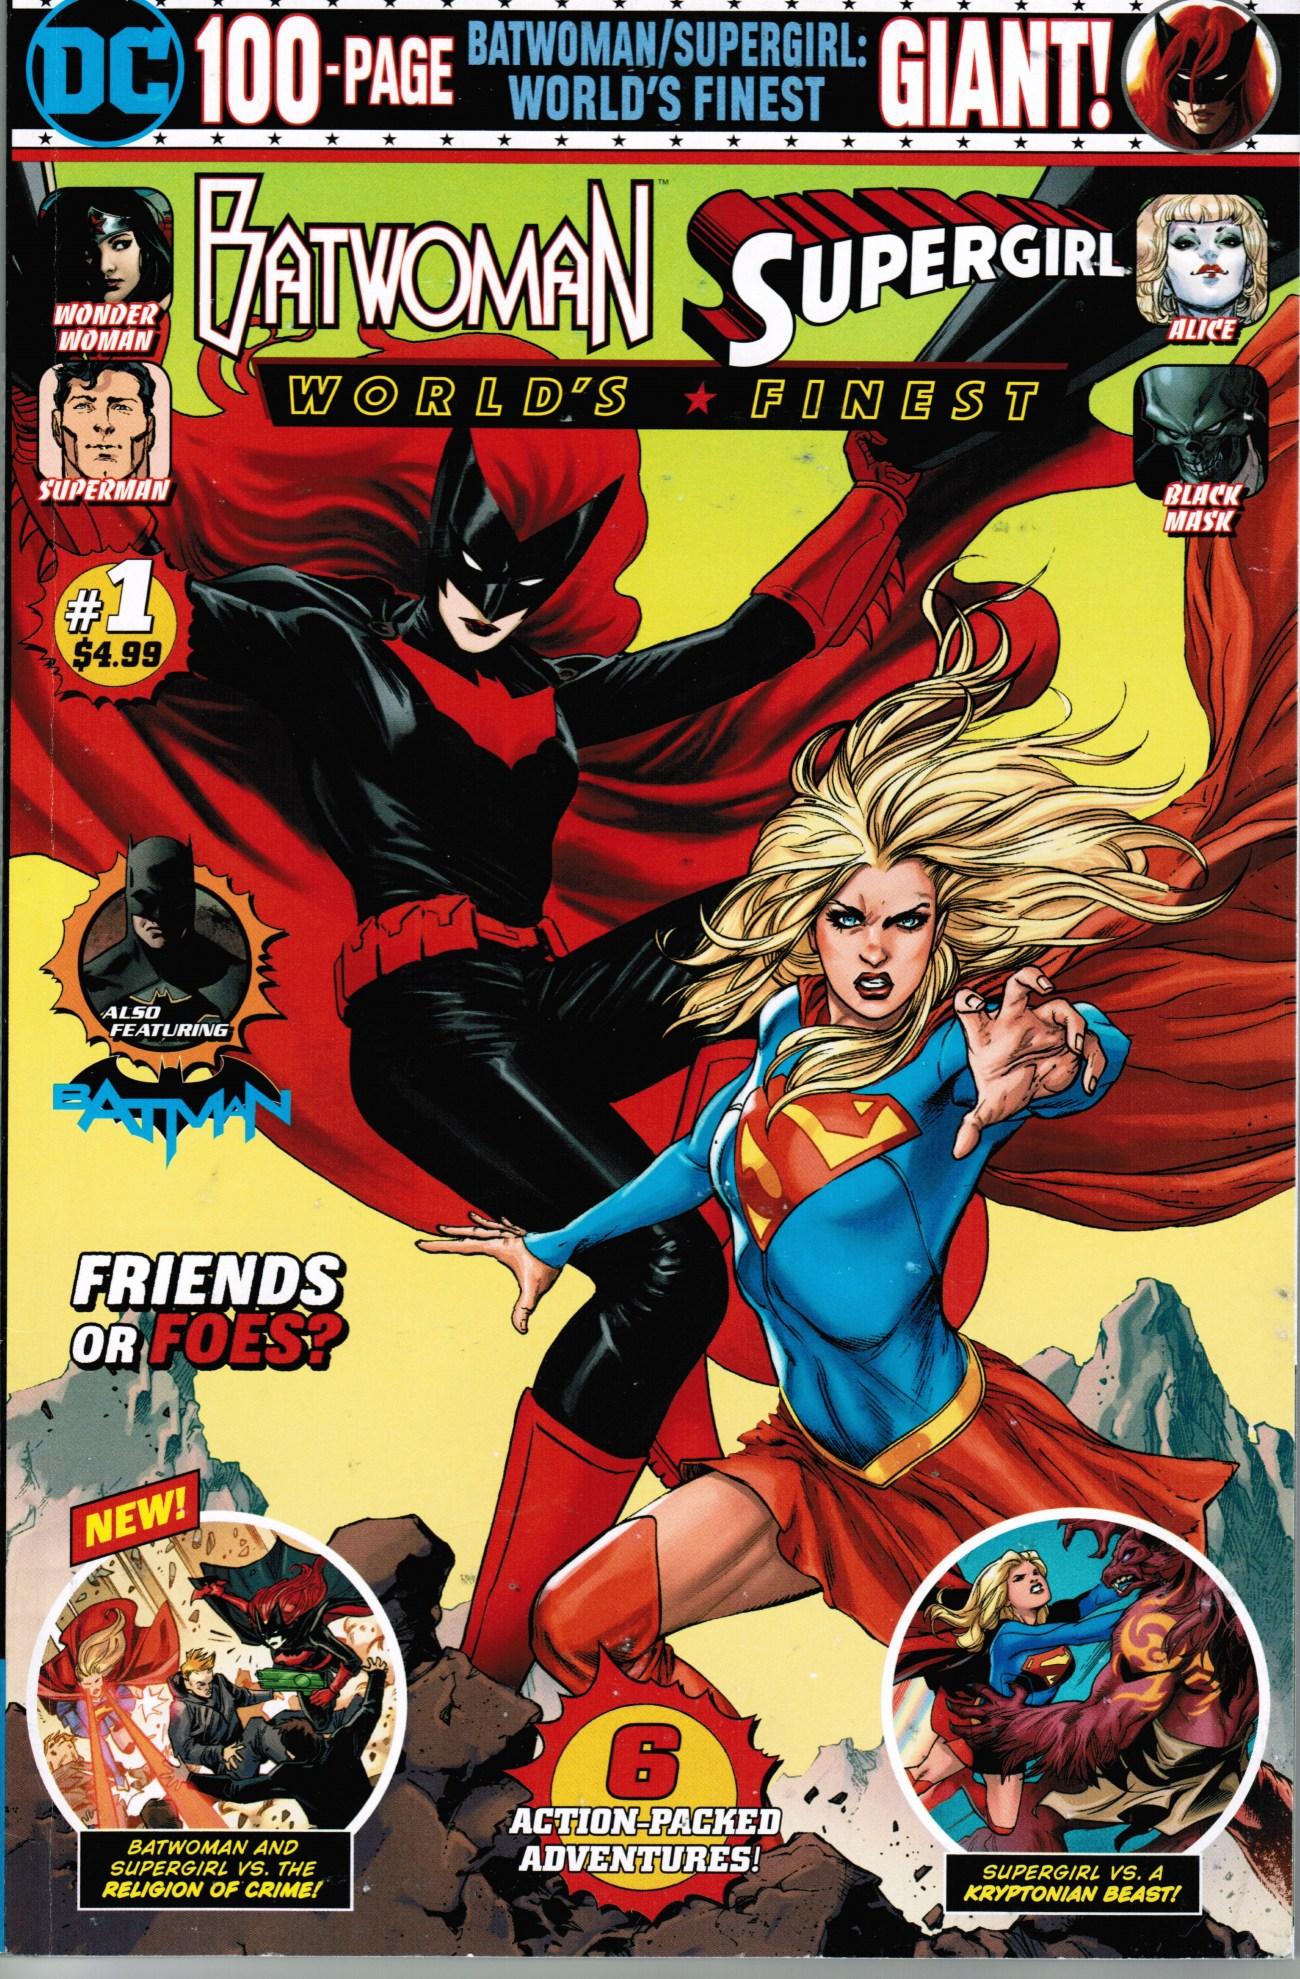 Portada variante de Batwoman/Supergirl: World's Finest Giant #1 (diciembre de 2019). Imagen: dc.fandom.com